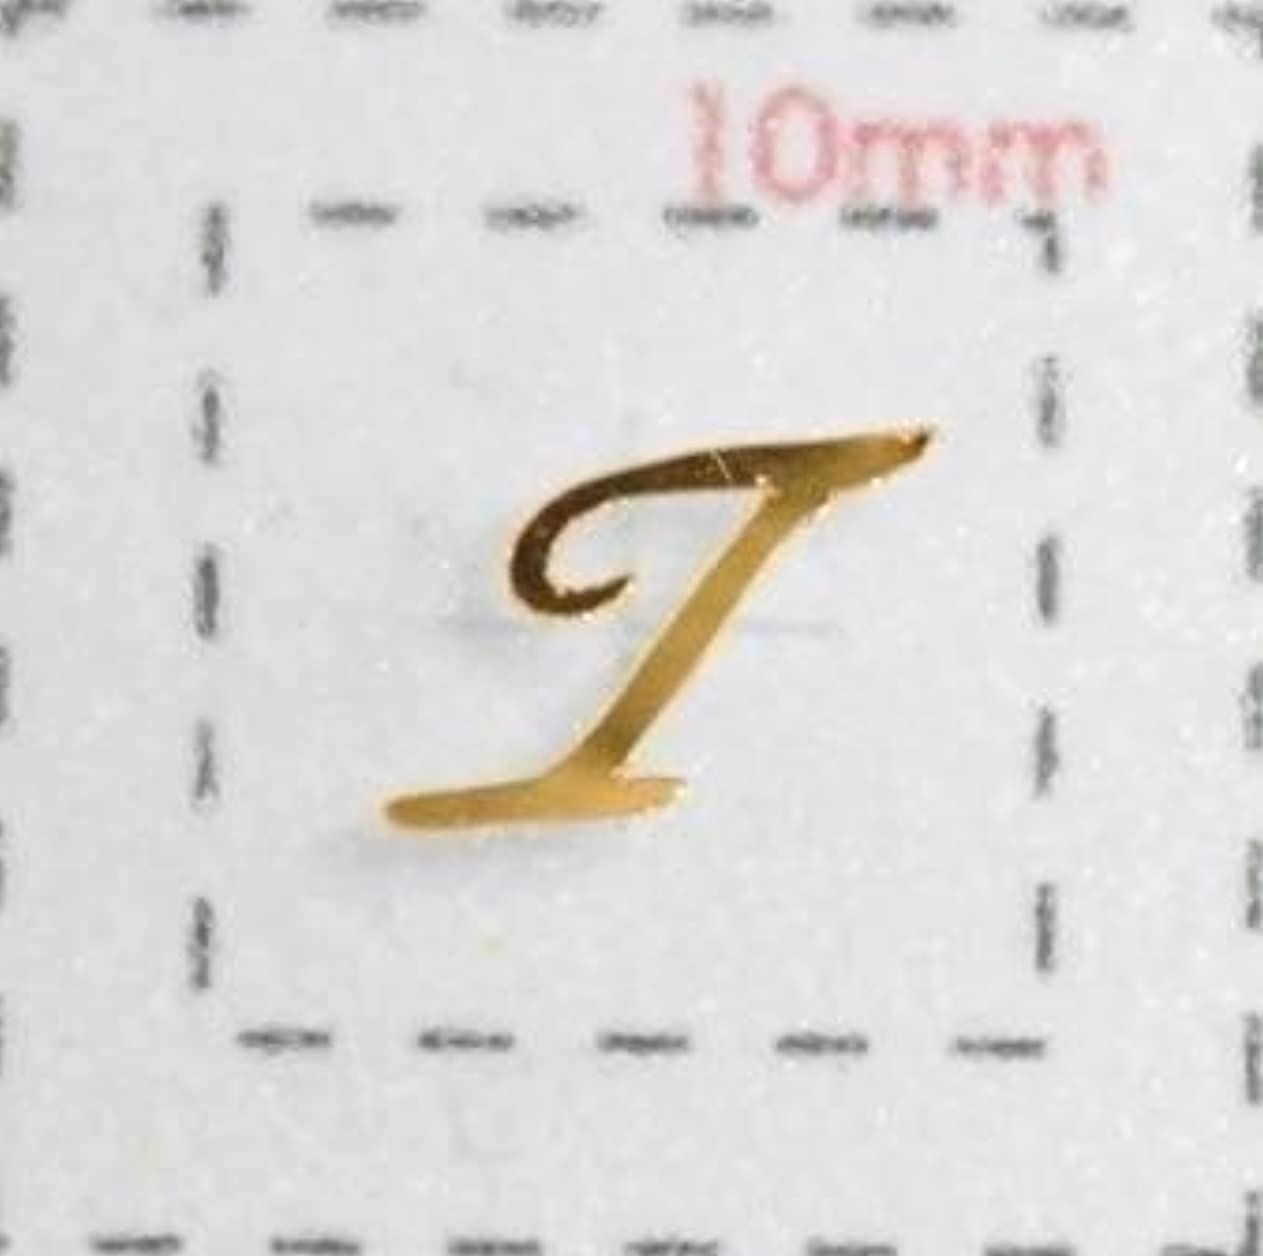 トレーニング作物フォアマンNameネイルシール【アルファベット?イニシャル】大文字ゴールド( T )1シート9枚入